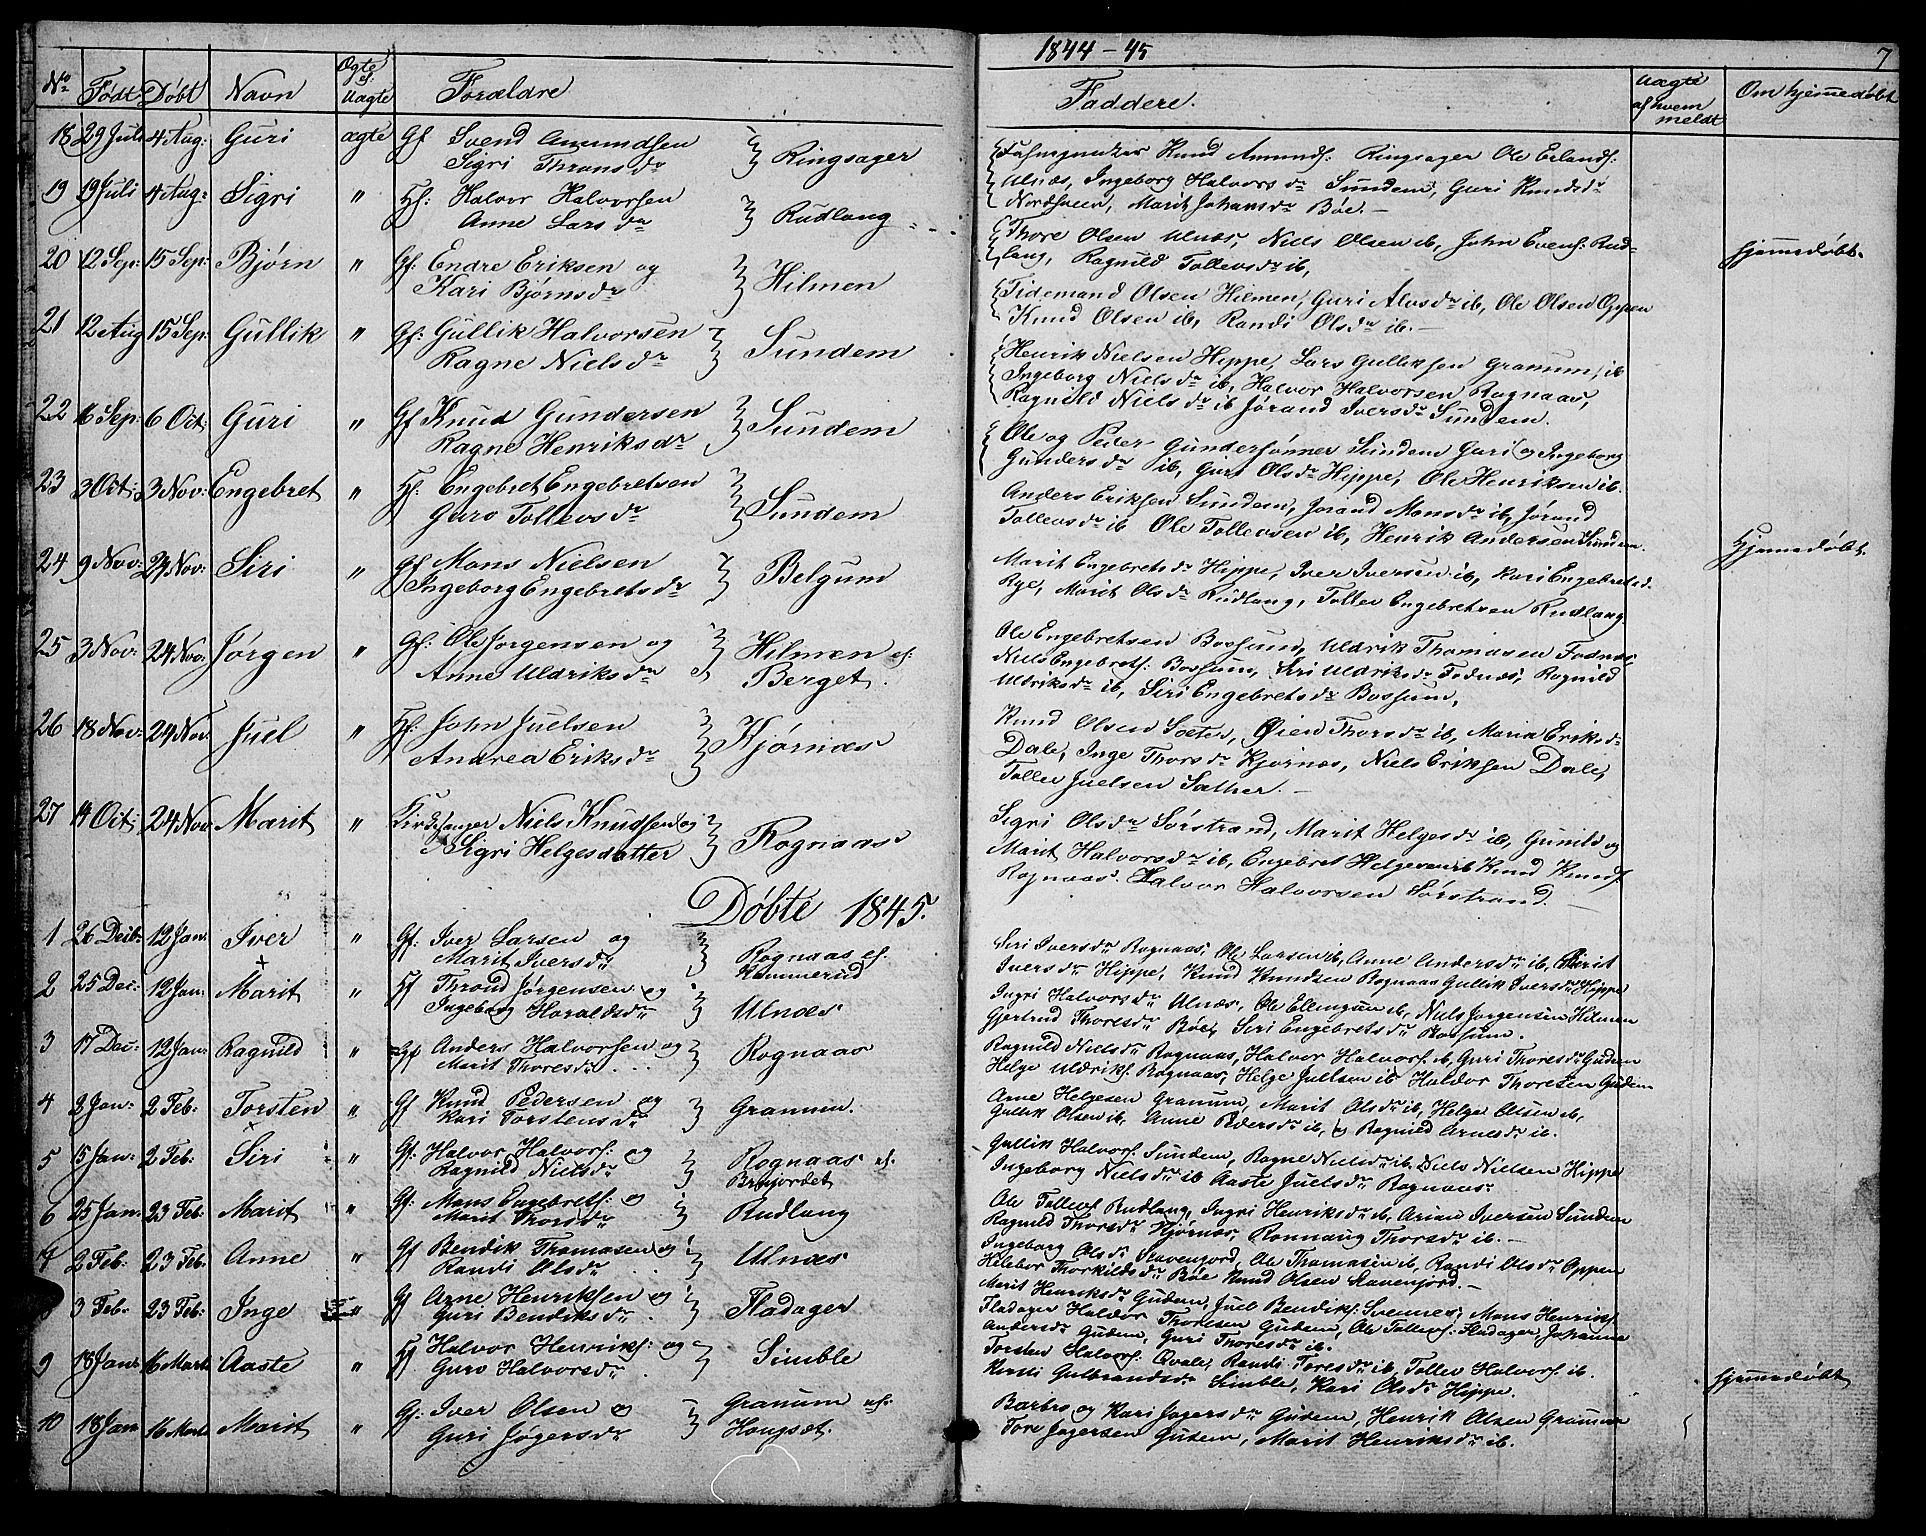 SAH, Nord-Aurdal prestekontor, Klokkerbok nr. 4, 1842-1882, s. 7